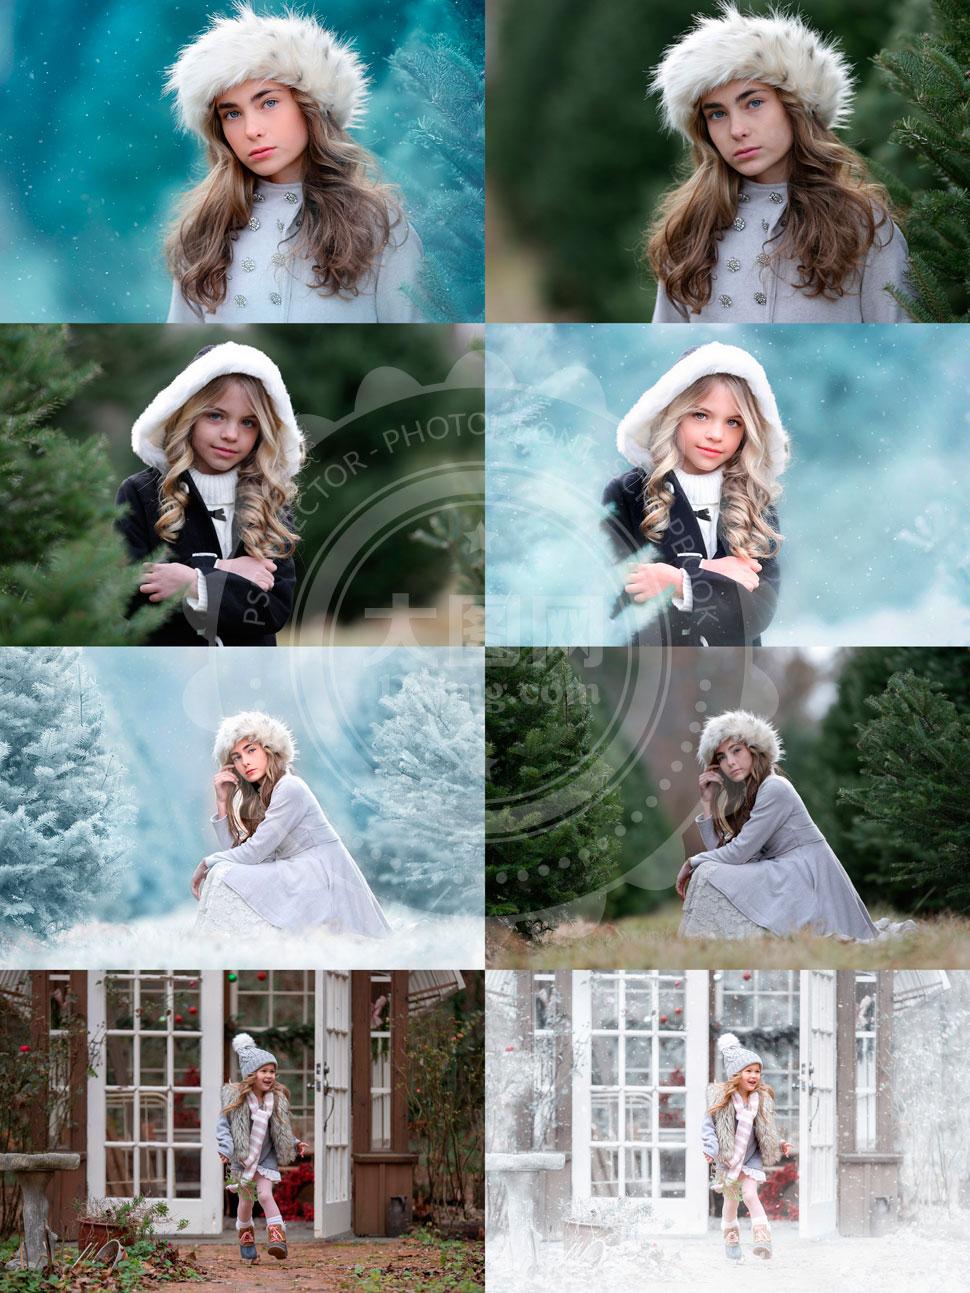 GIG系列儿童照片冬季唯美雪景PS动作